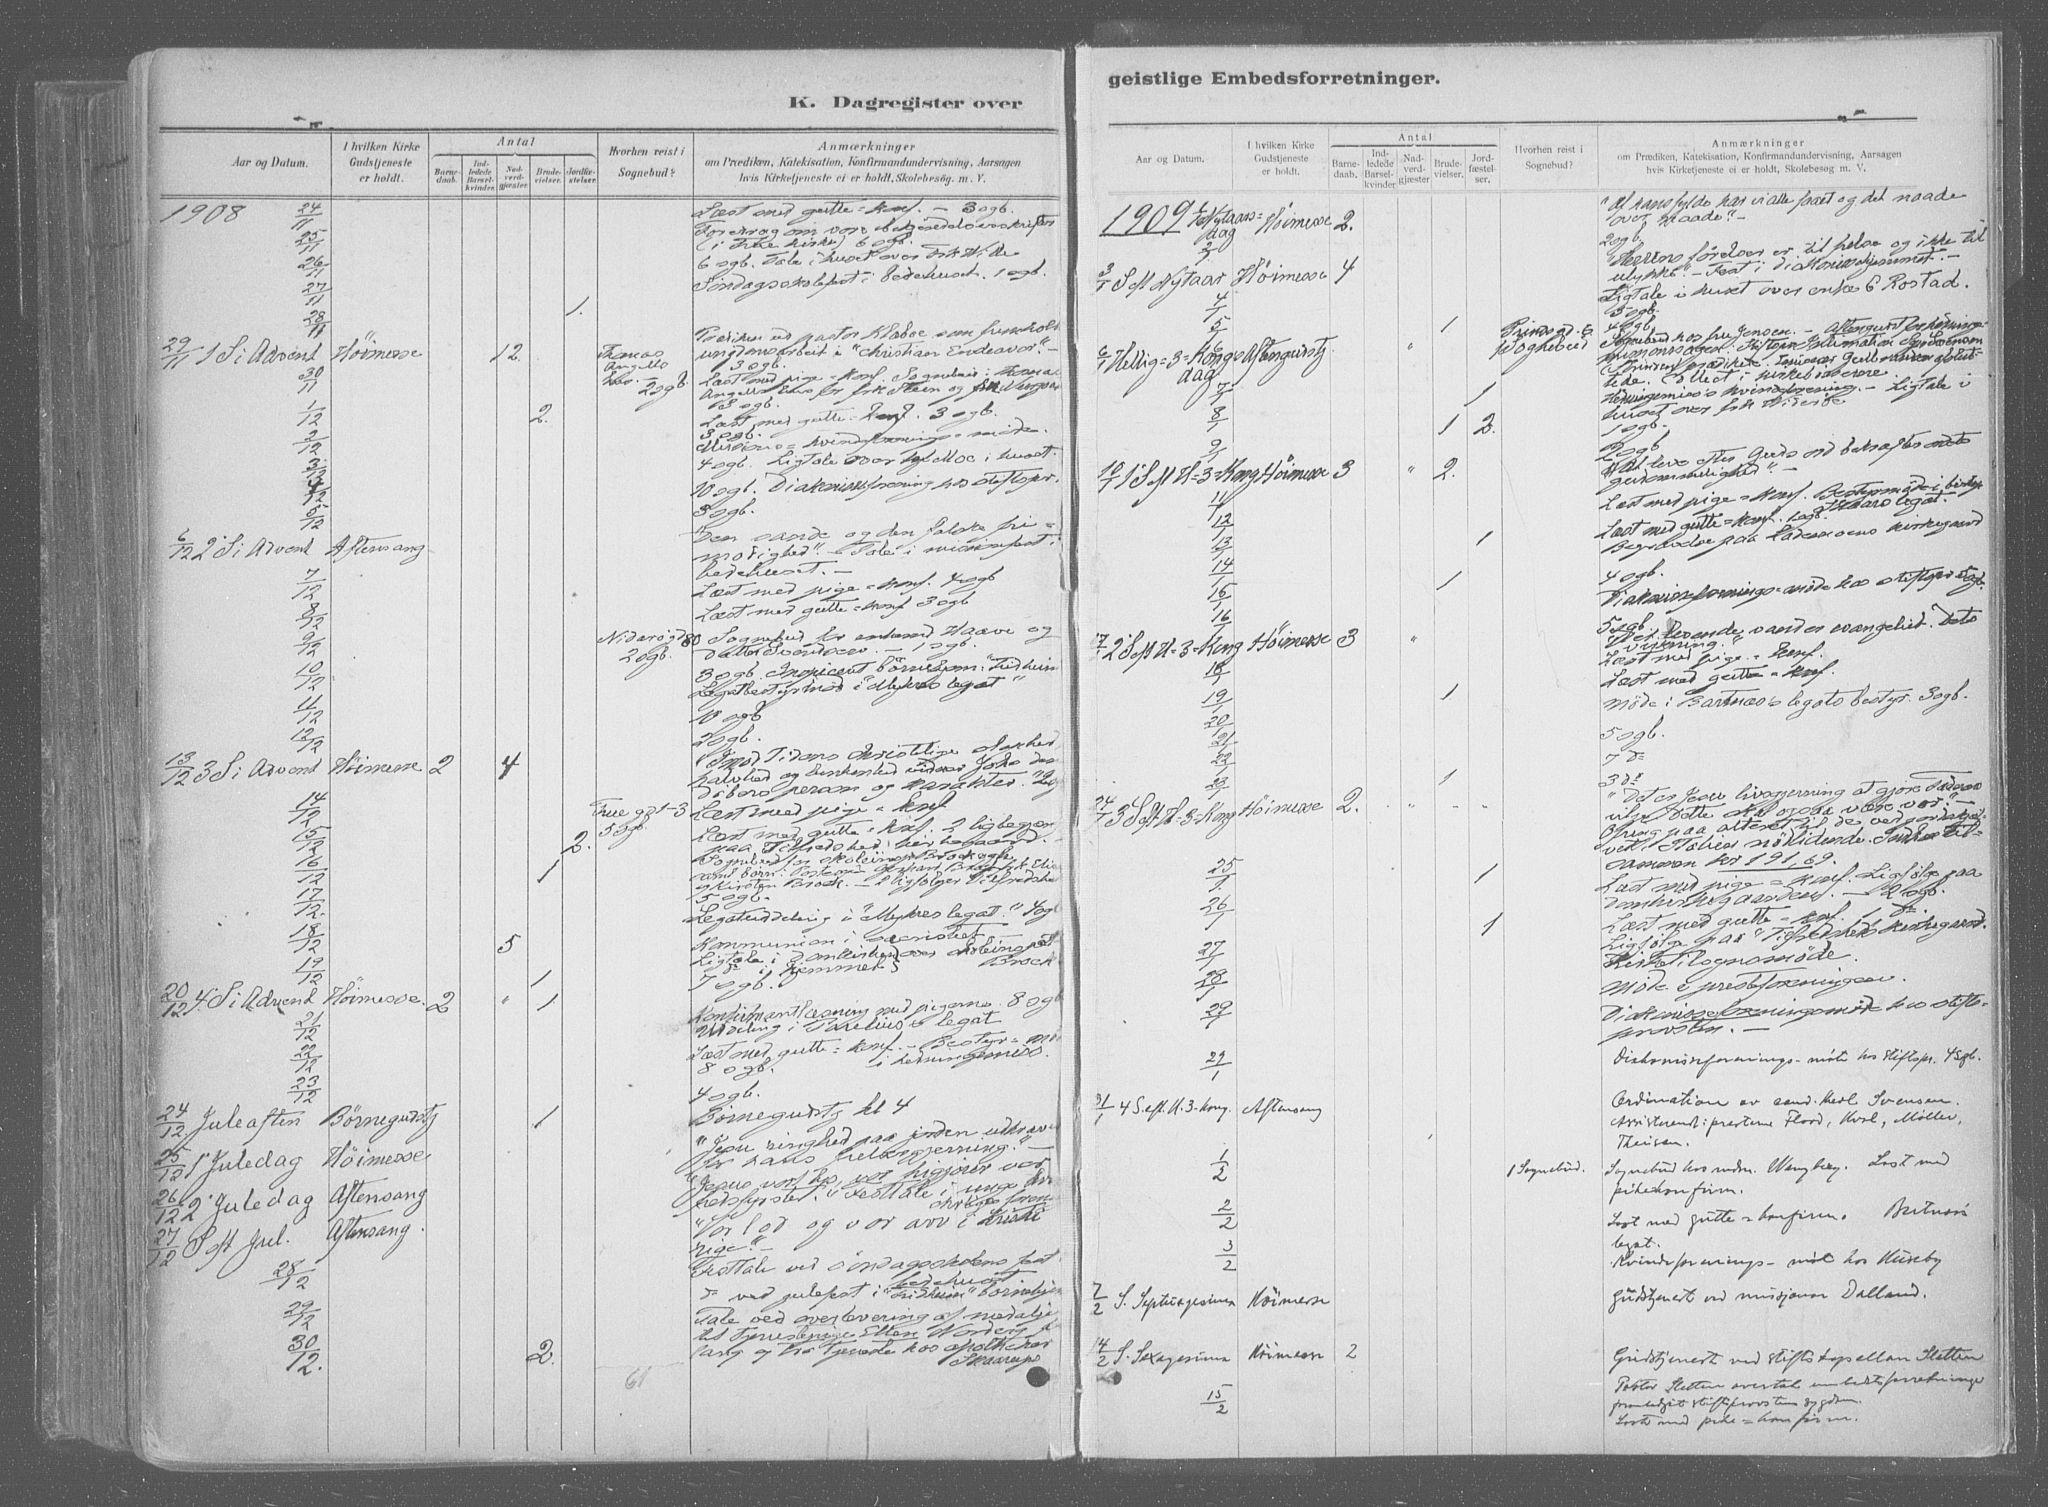 SAT, Ministerialprotokoller, klokkerbøker og fødselsregistre - Sør-Trøndelag, 601/L0064: Ministerialbok nr. 601A31, 1891-1911, s. 359